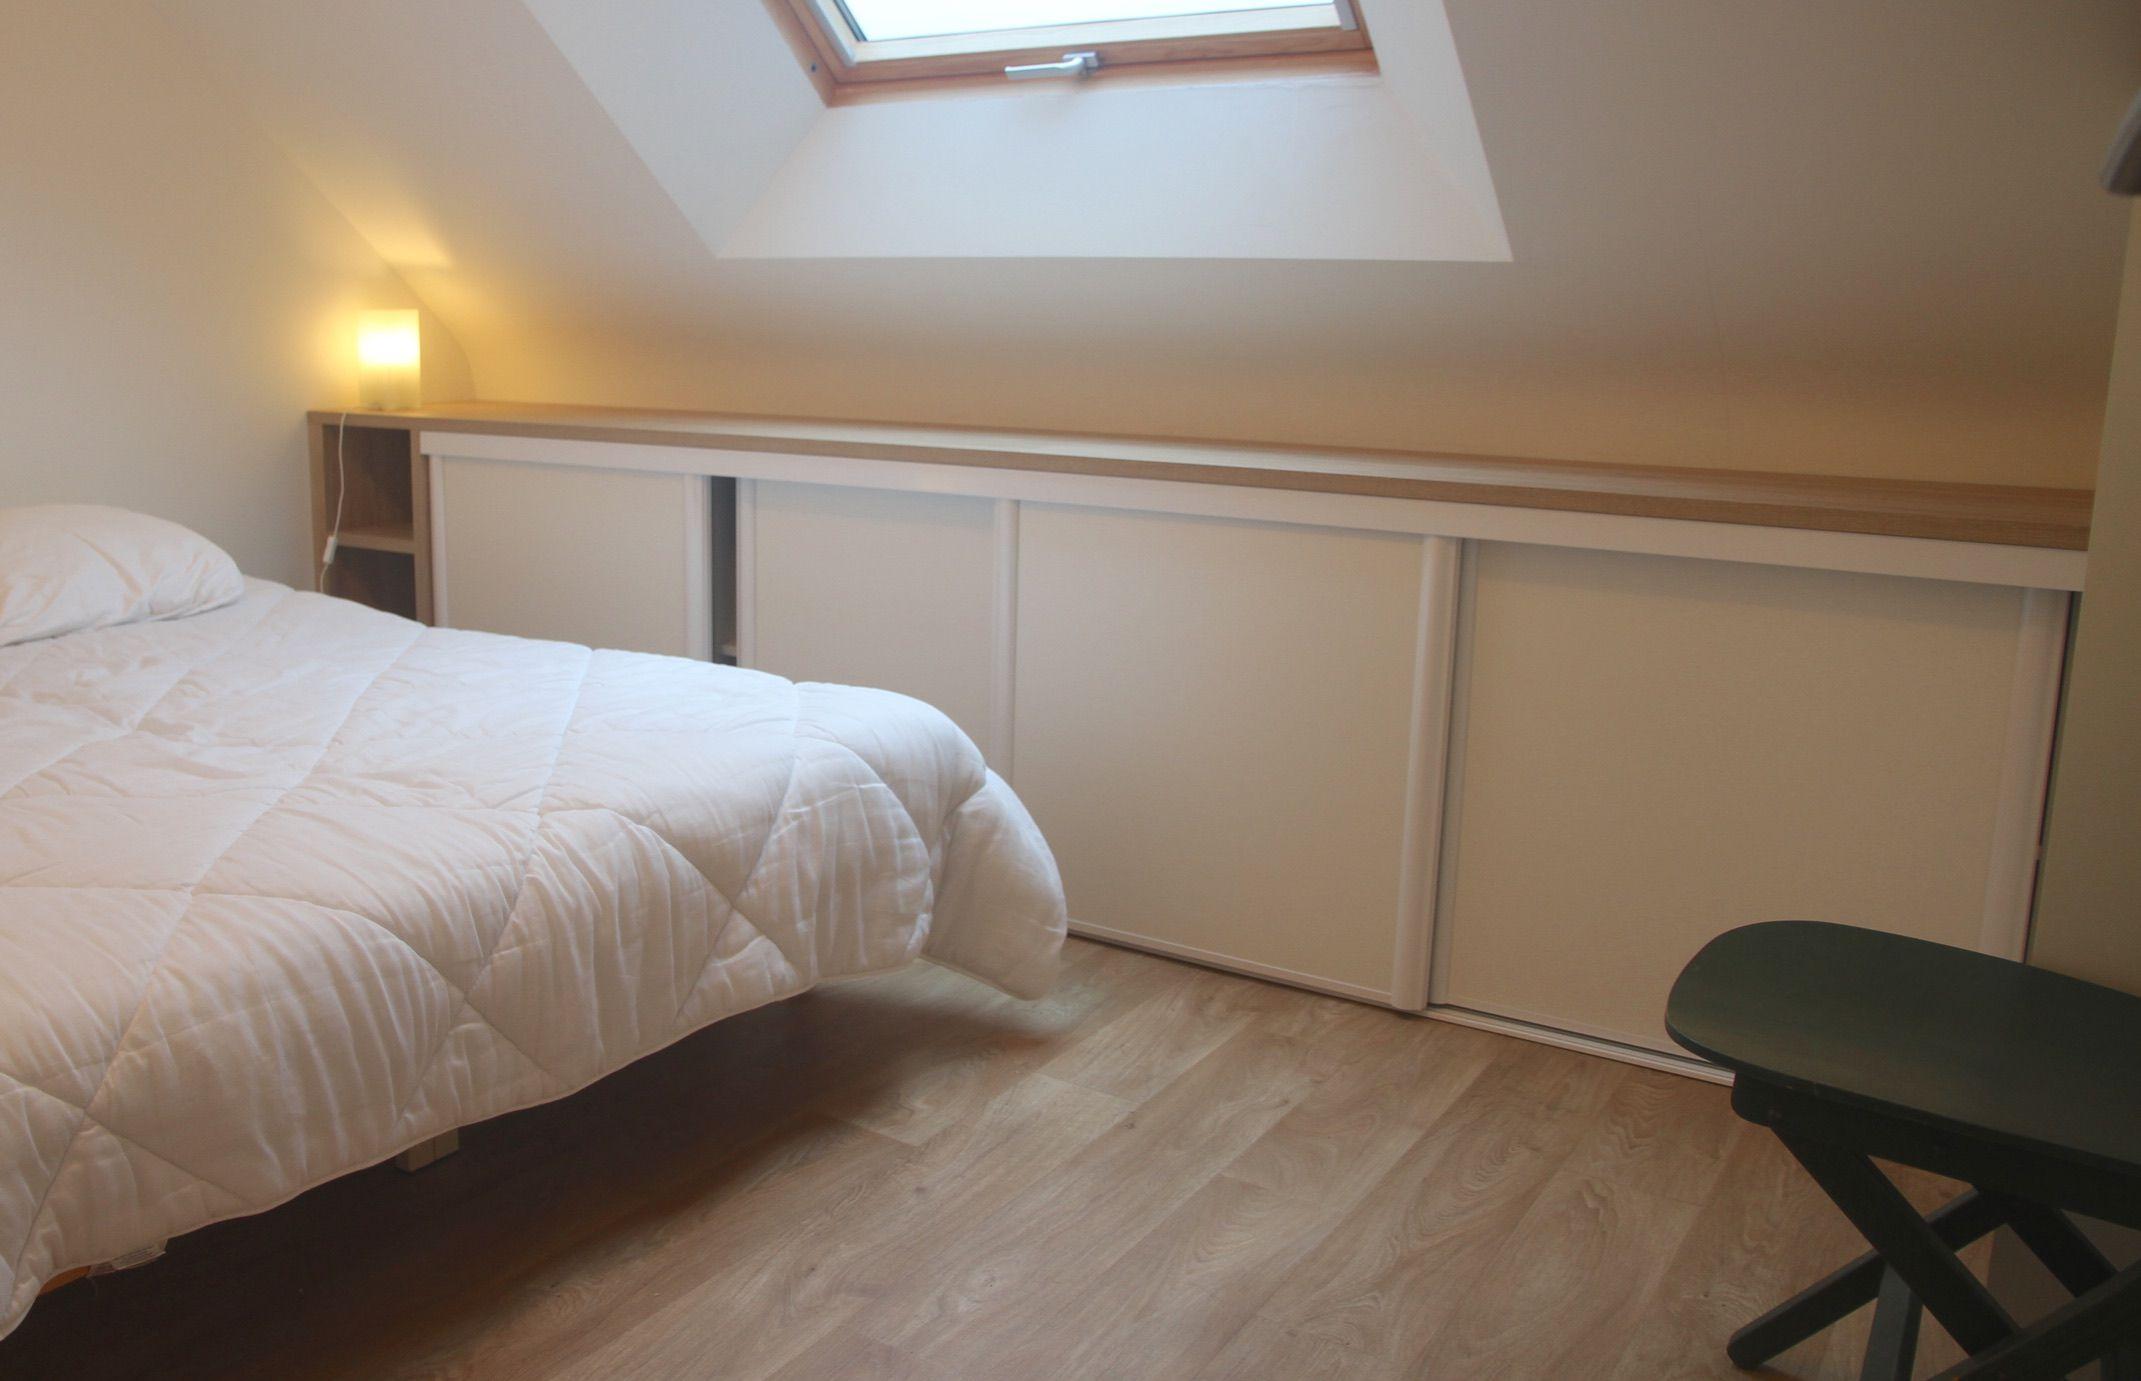 Meuble Pour Sous Pente meubles combles | meubles pour combles unique meuble pour sous pente